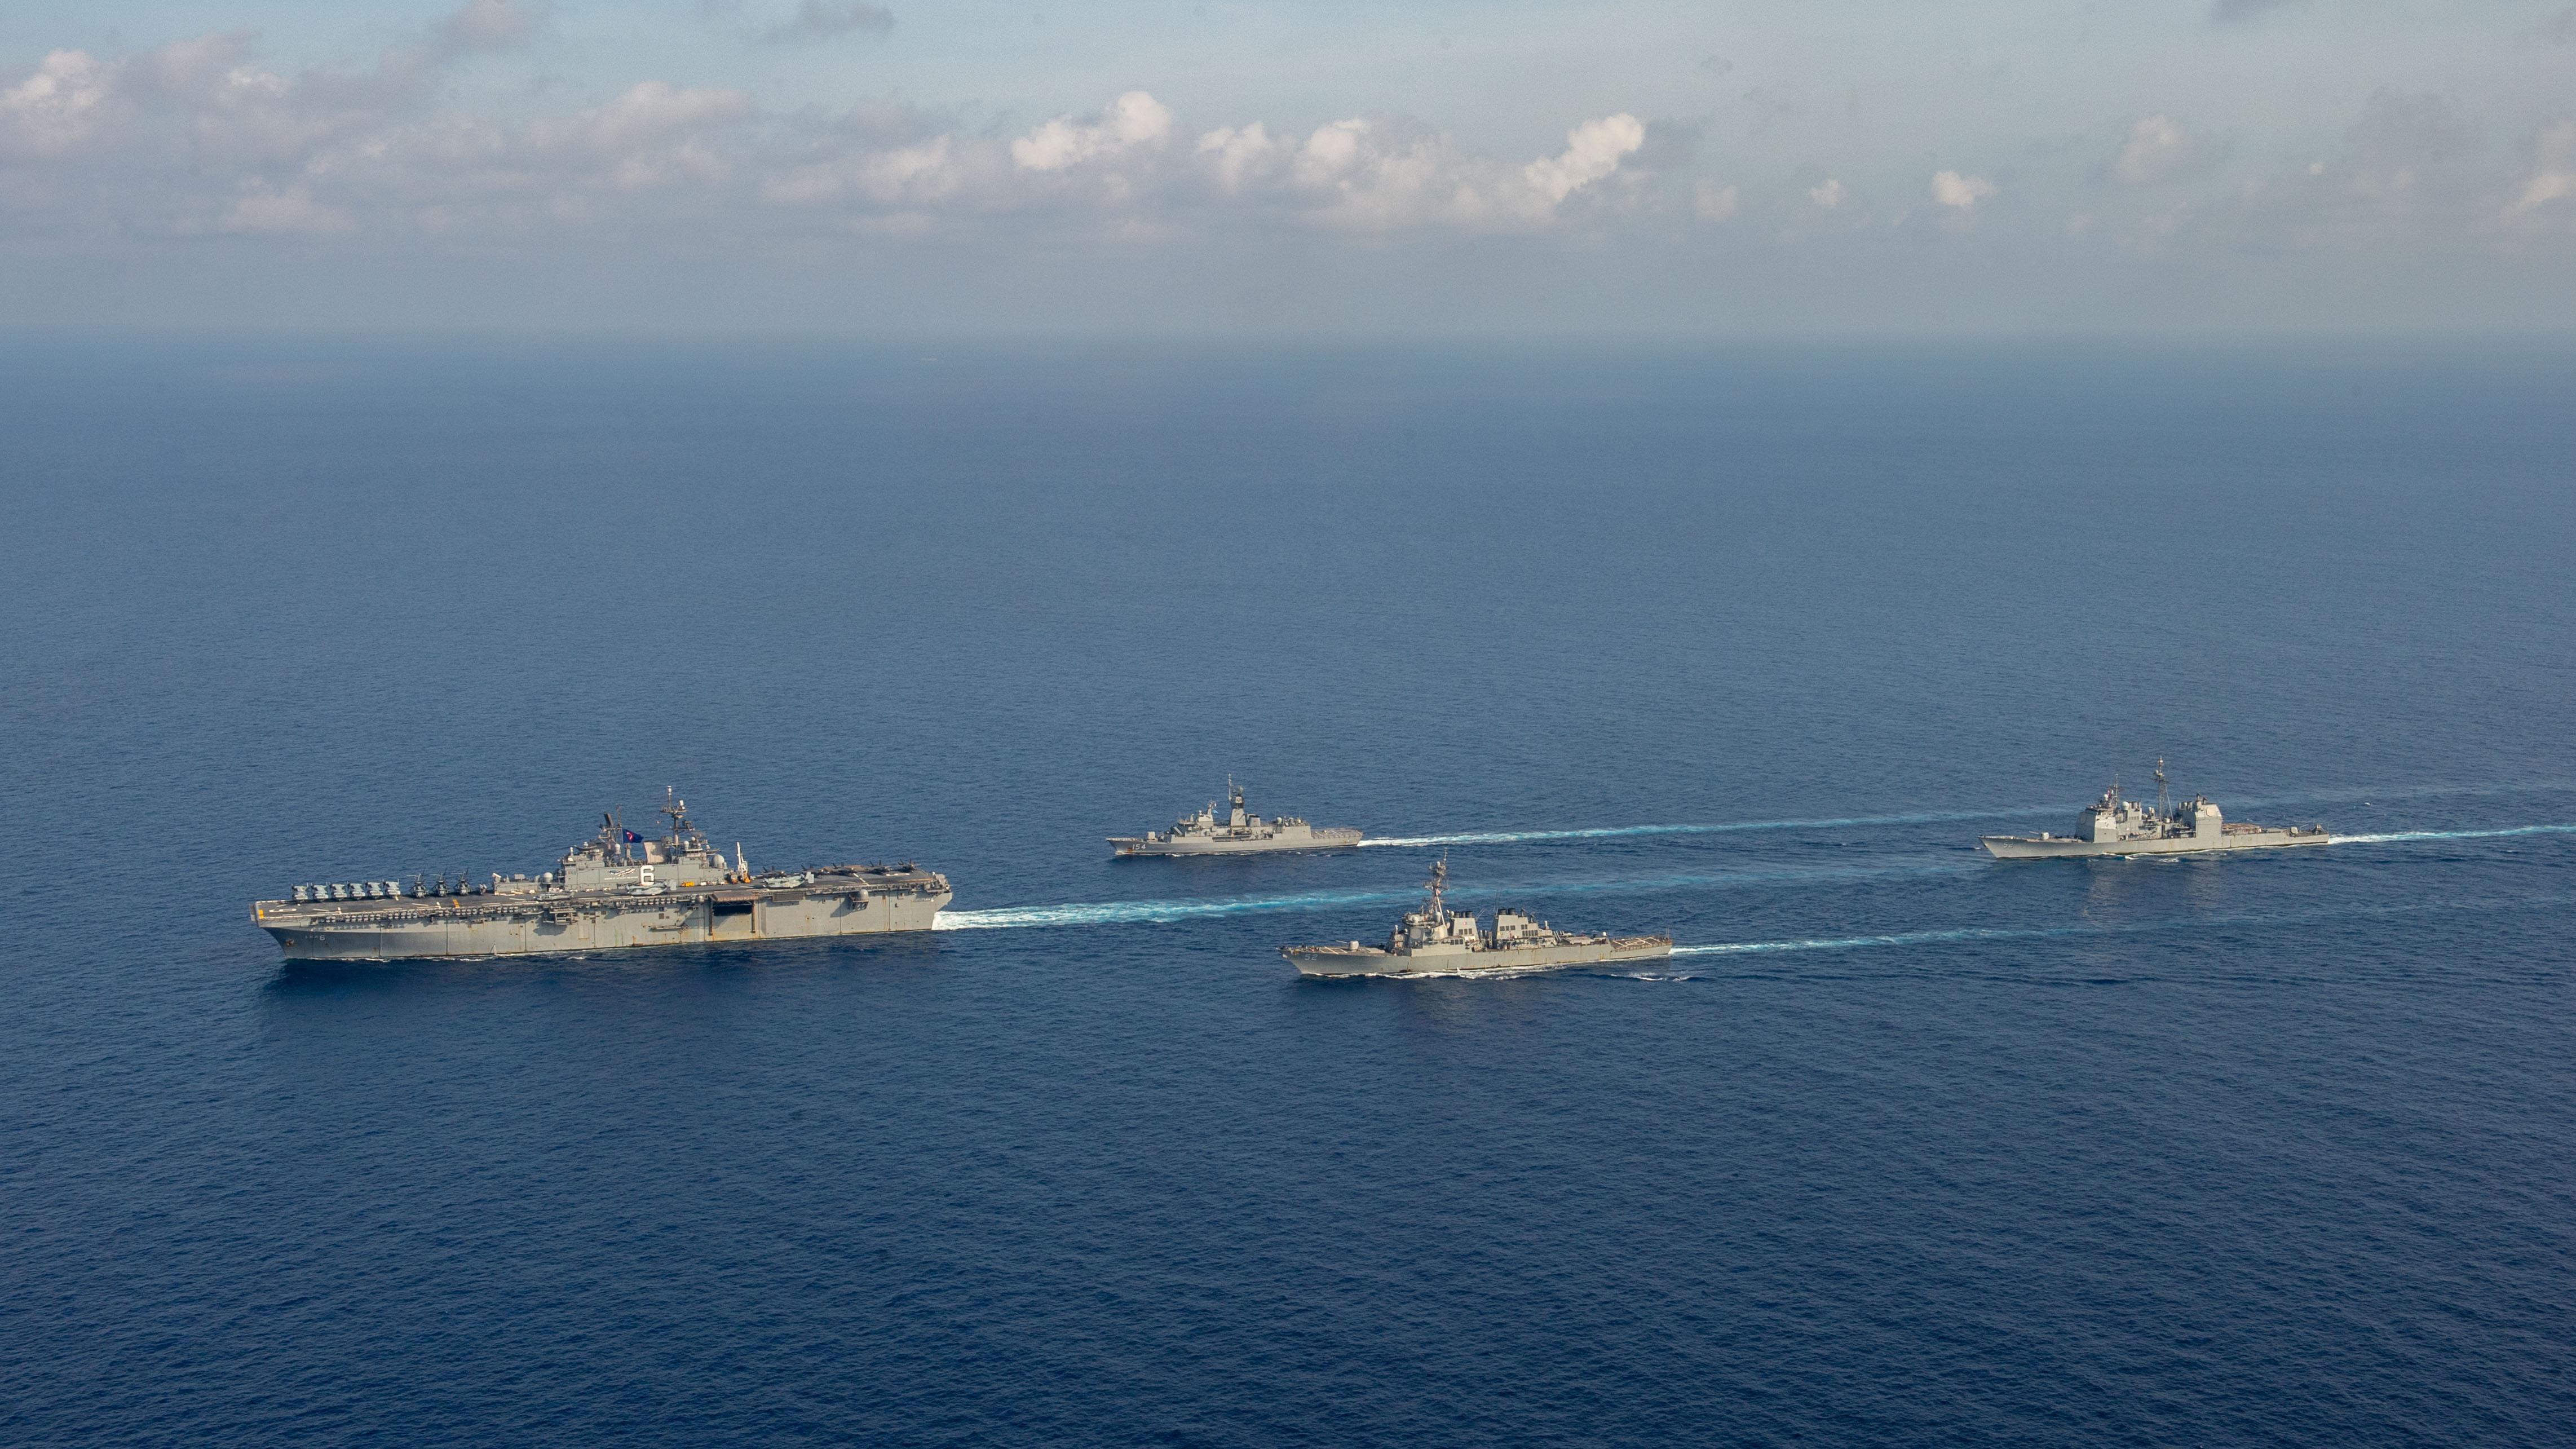 美國,中國,台灣,登陸戰,區域安全,晶片,科技戰,霸權,海權,解放軍